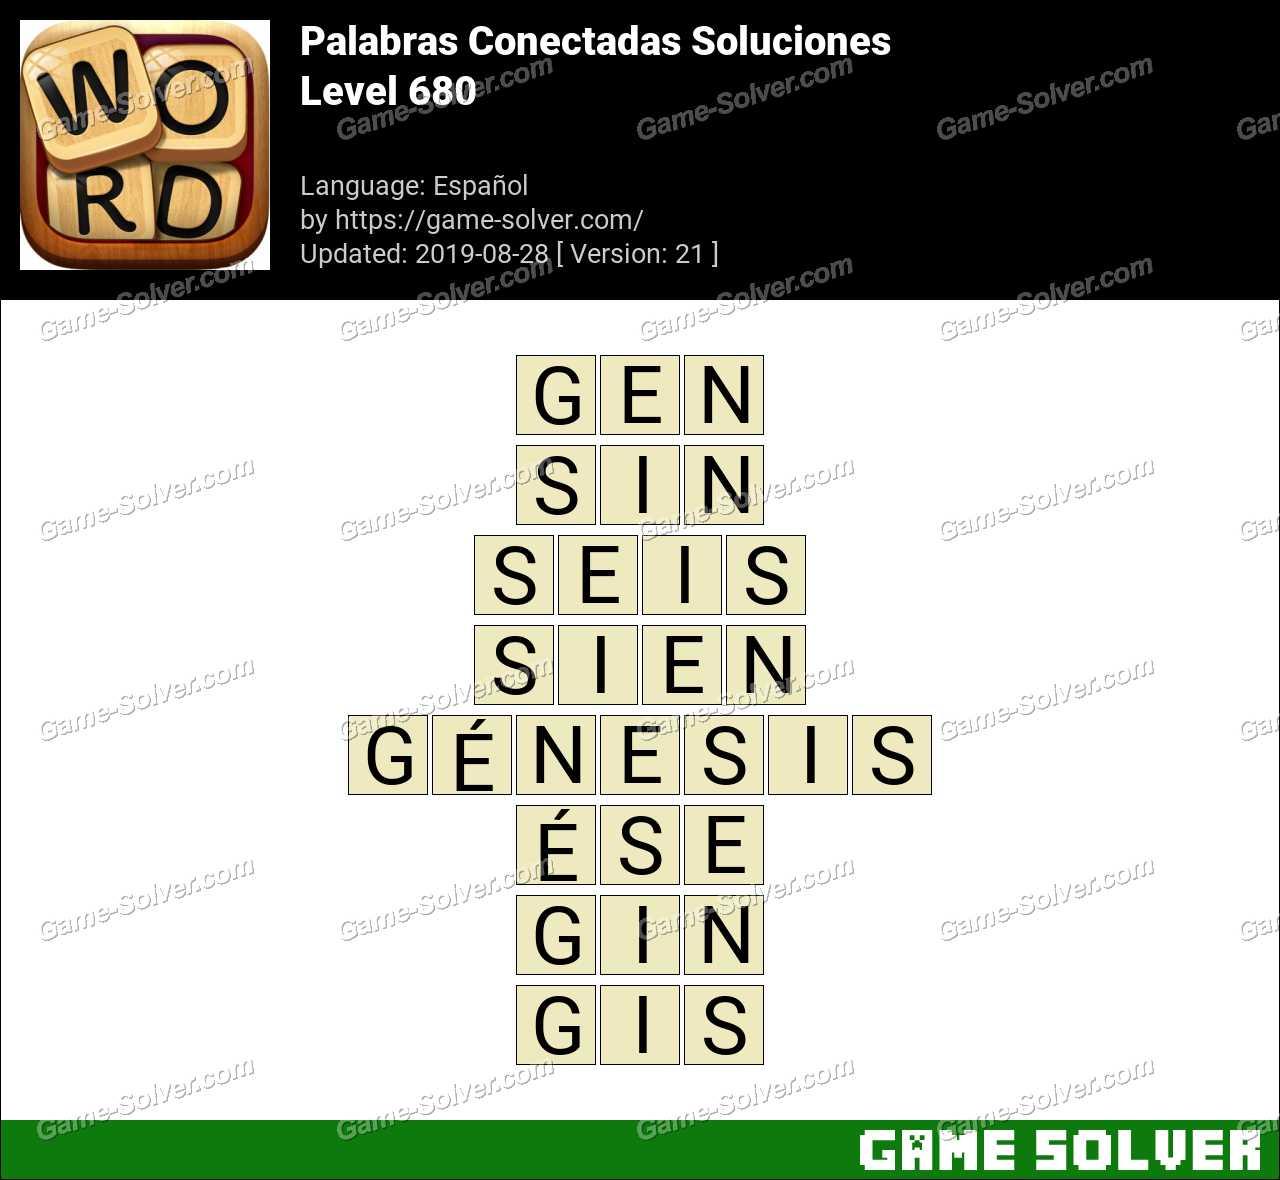 Palabras Conectadas Nivel 680 Soluciones